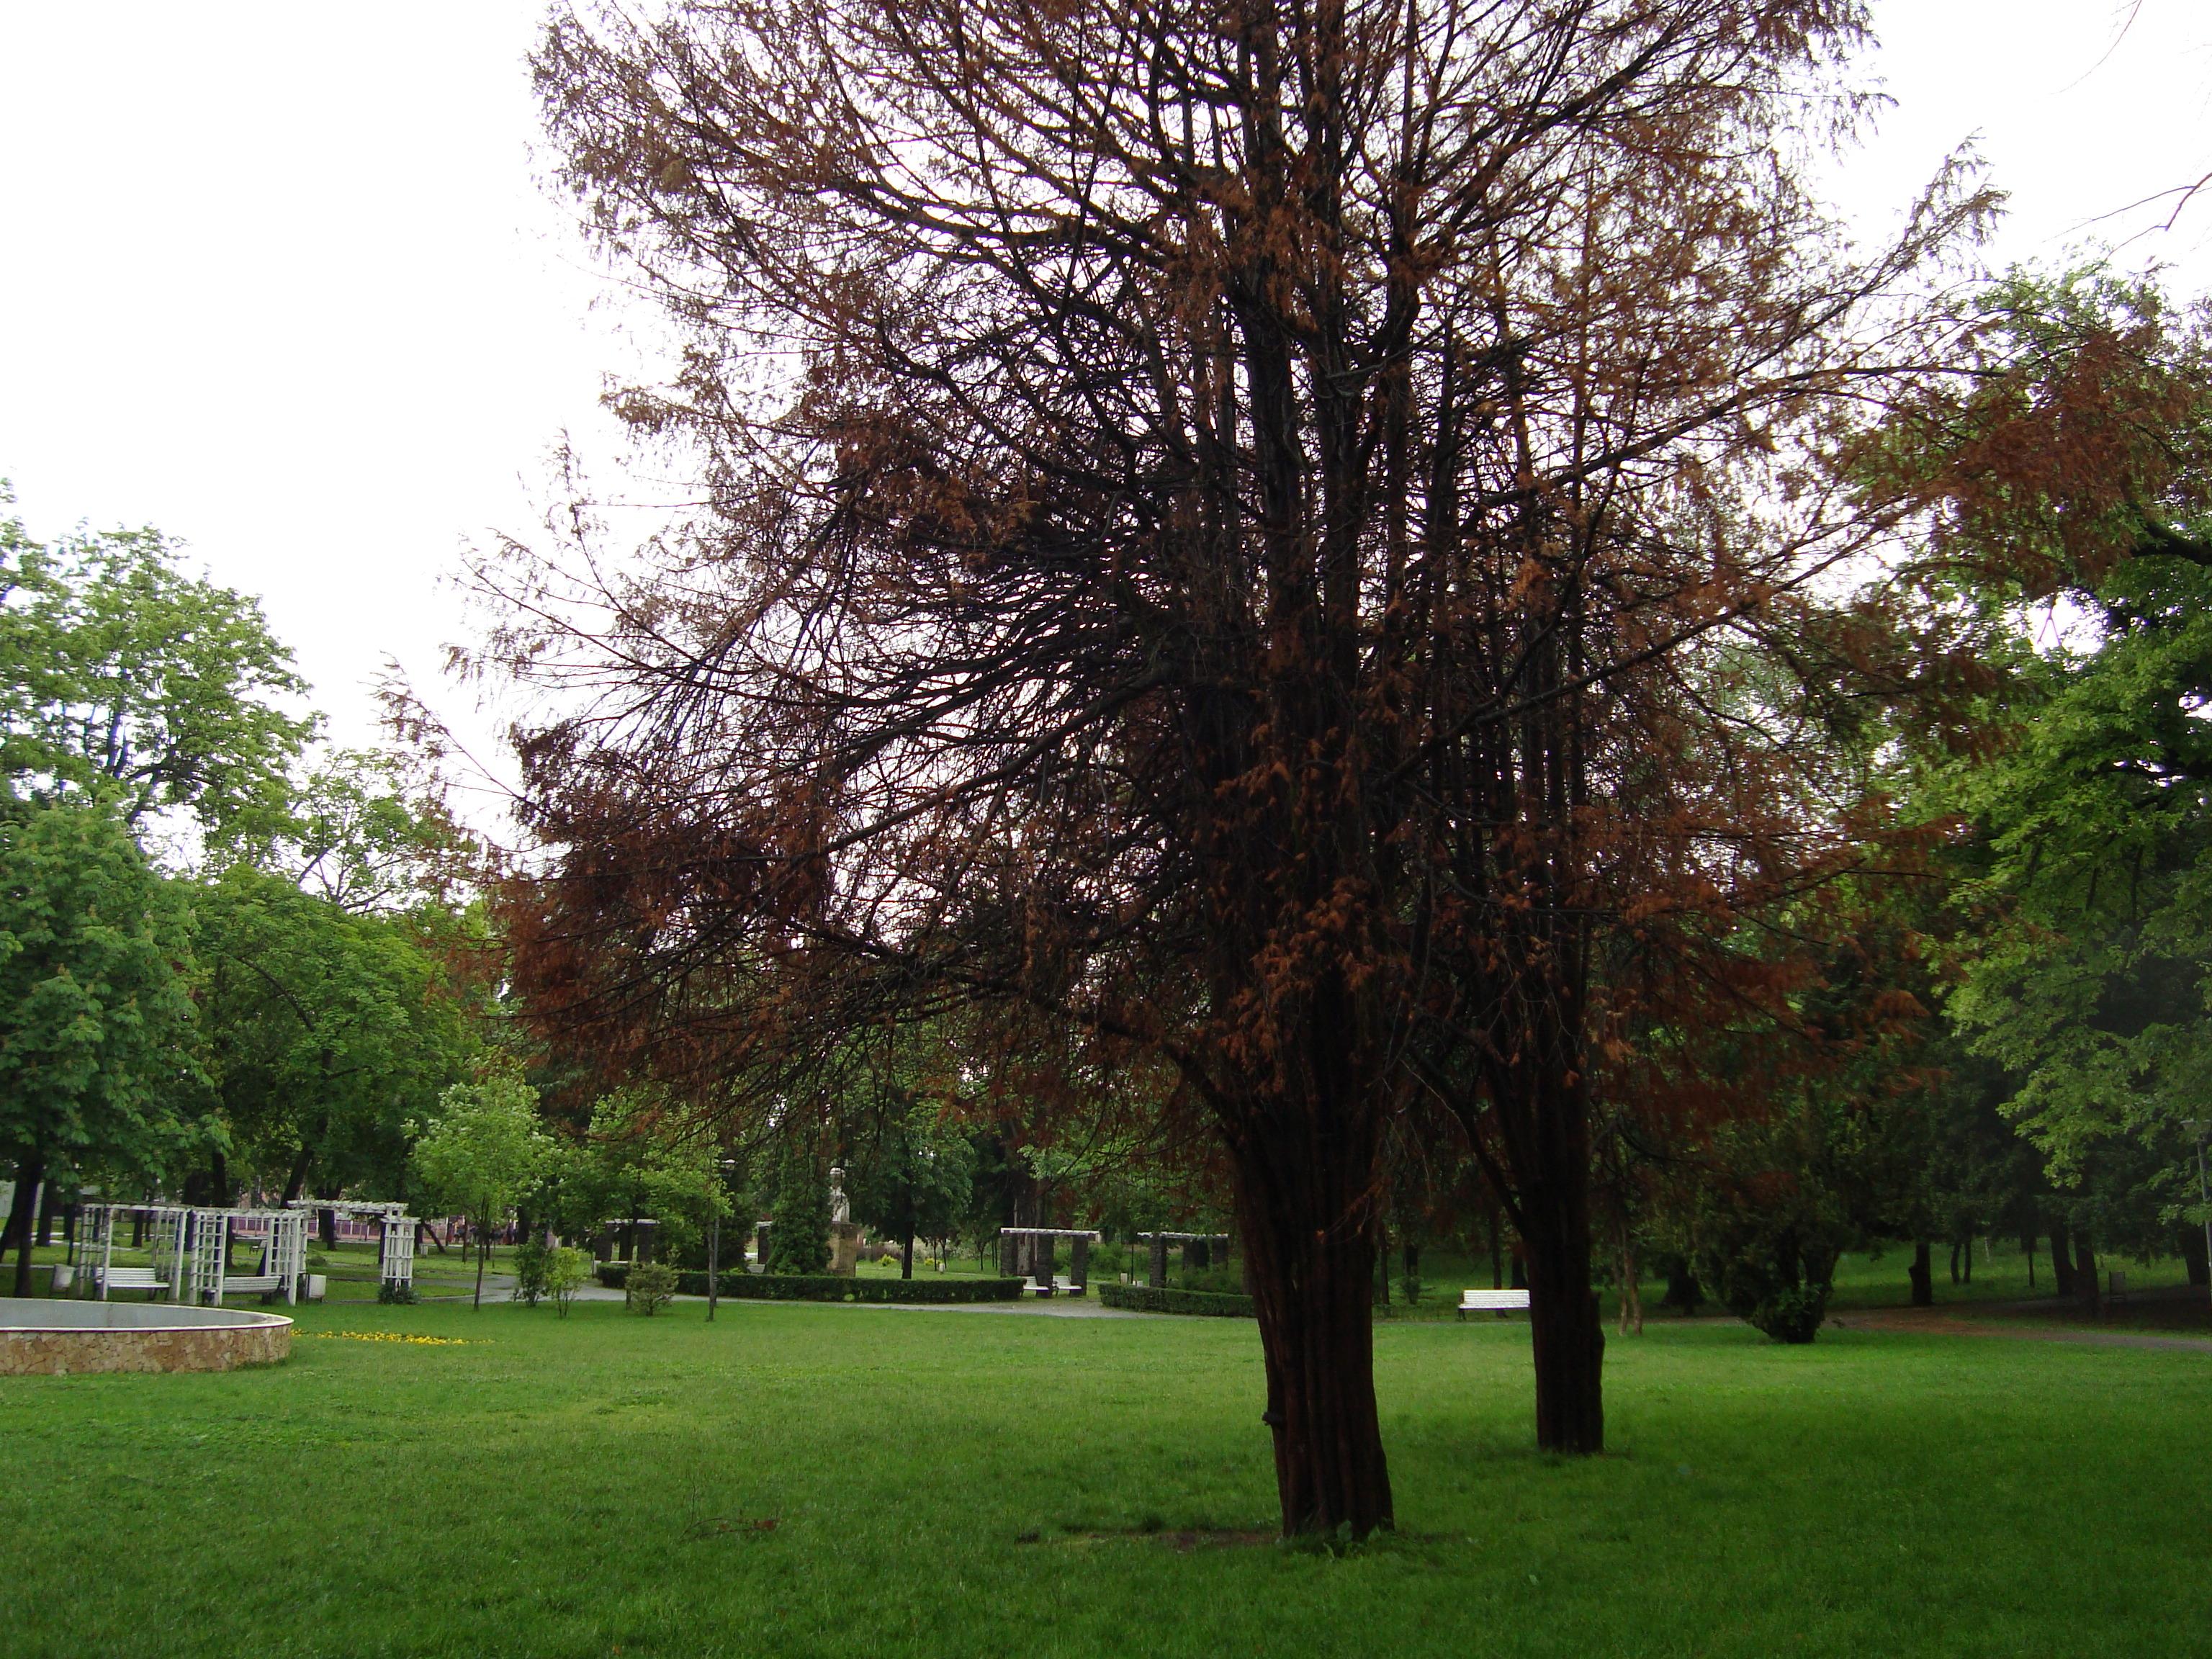 Pregătiţi-vă de noi parcuri în Timişoara, realizate de primărie pe terenuri expropiate din zona privată